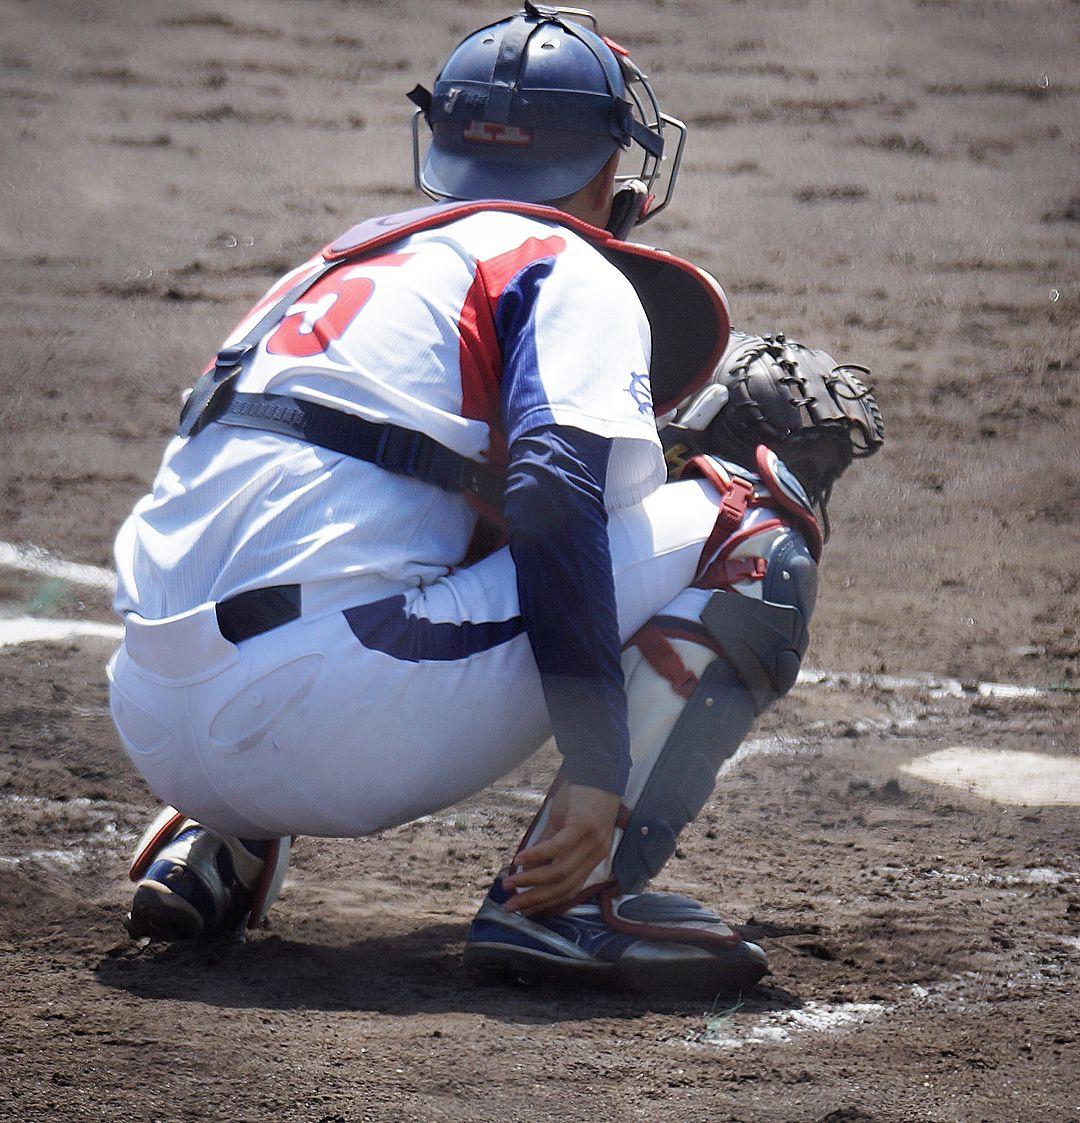 画像に含まれている可能性があるもの 1人以上 スポーツ 靴 屋外 野球 キャッチャー 捕手 野球